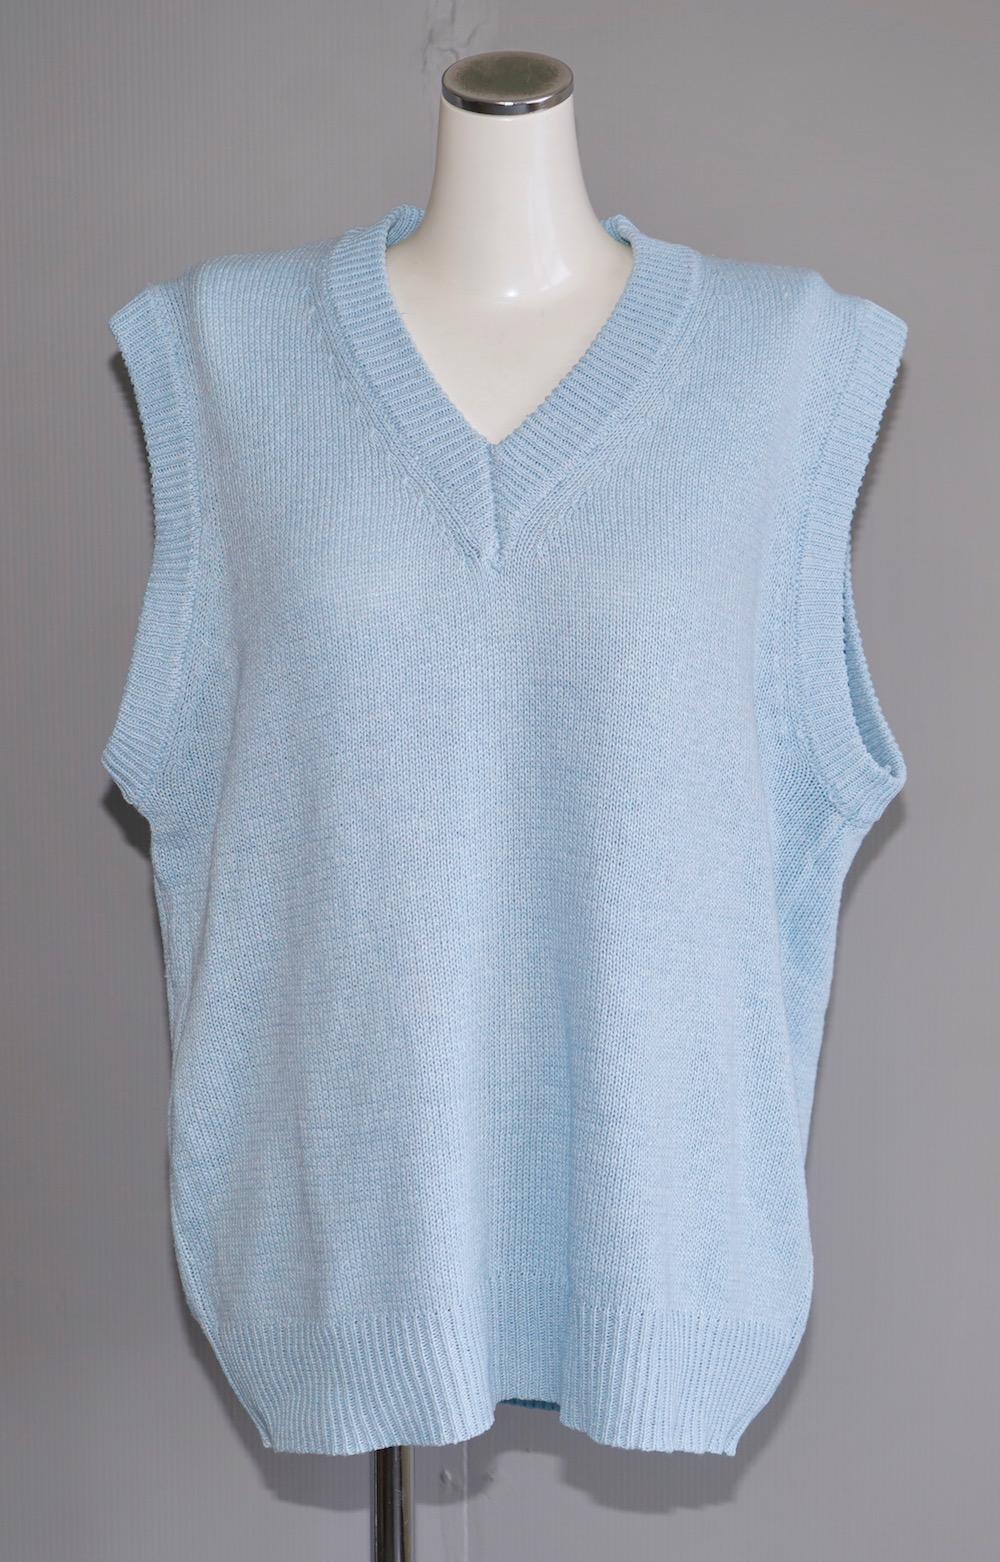 V-Neck Big Knit Vest (sky blue)